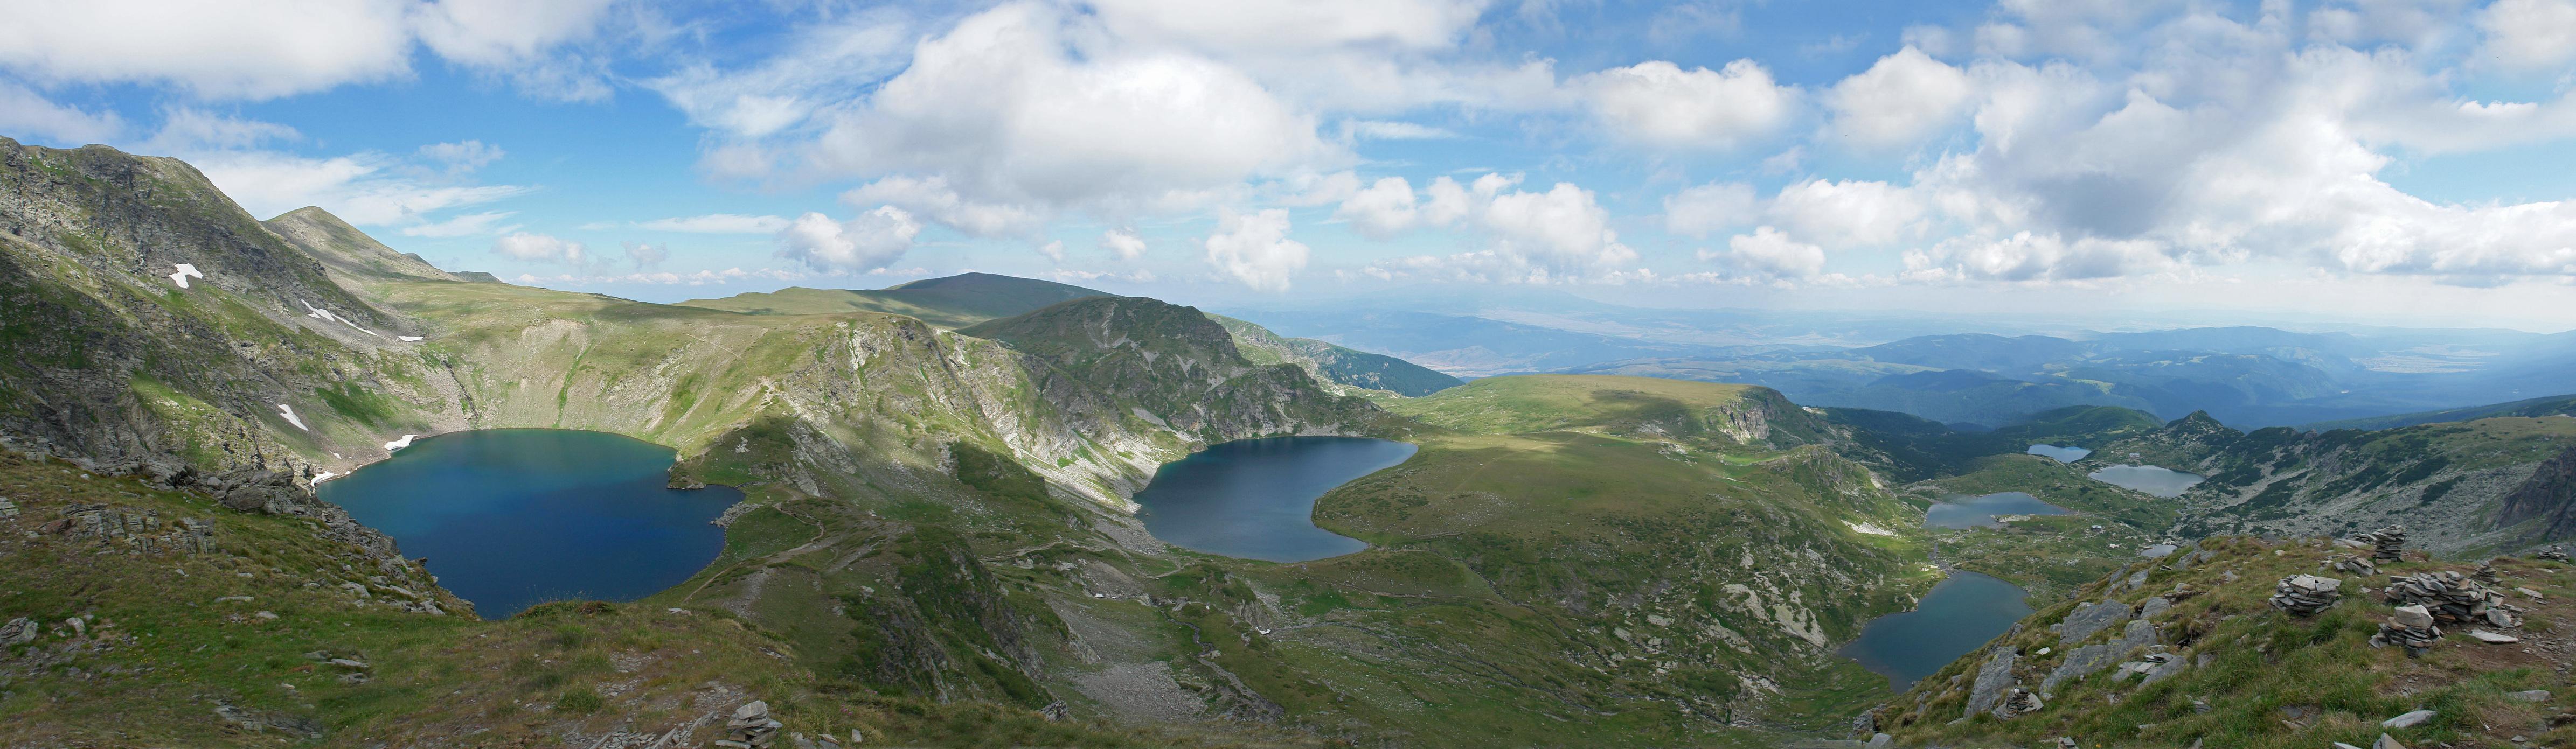 Los Siete lagos de Rila, un grupo de lagos de origen glaciar, se encuentran en las Montañas Rila (Bulgaria).